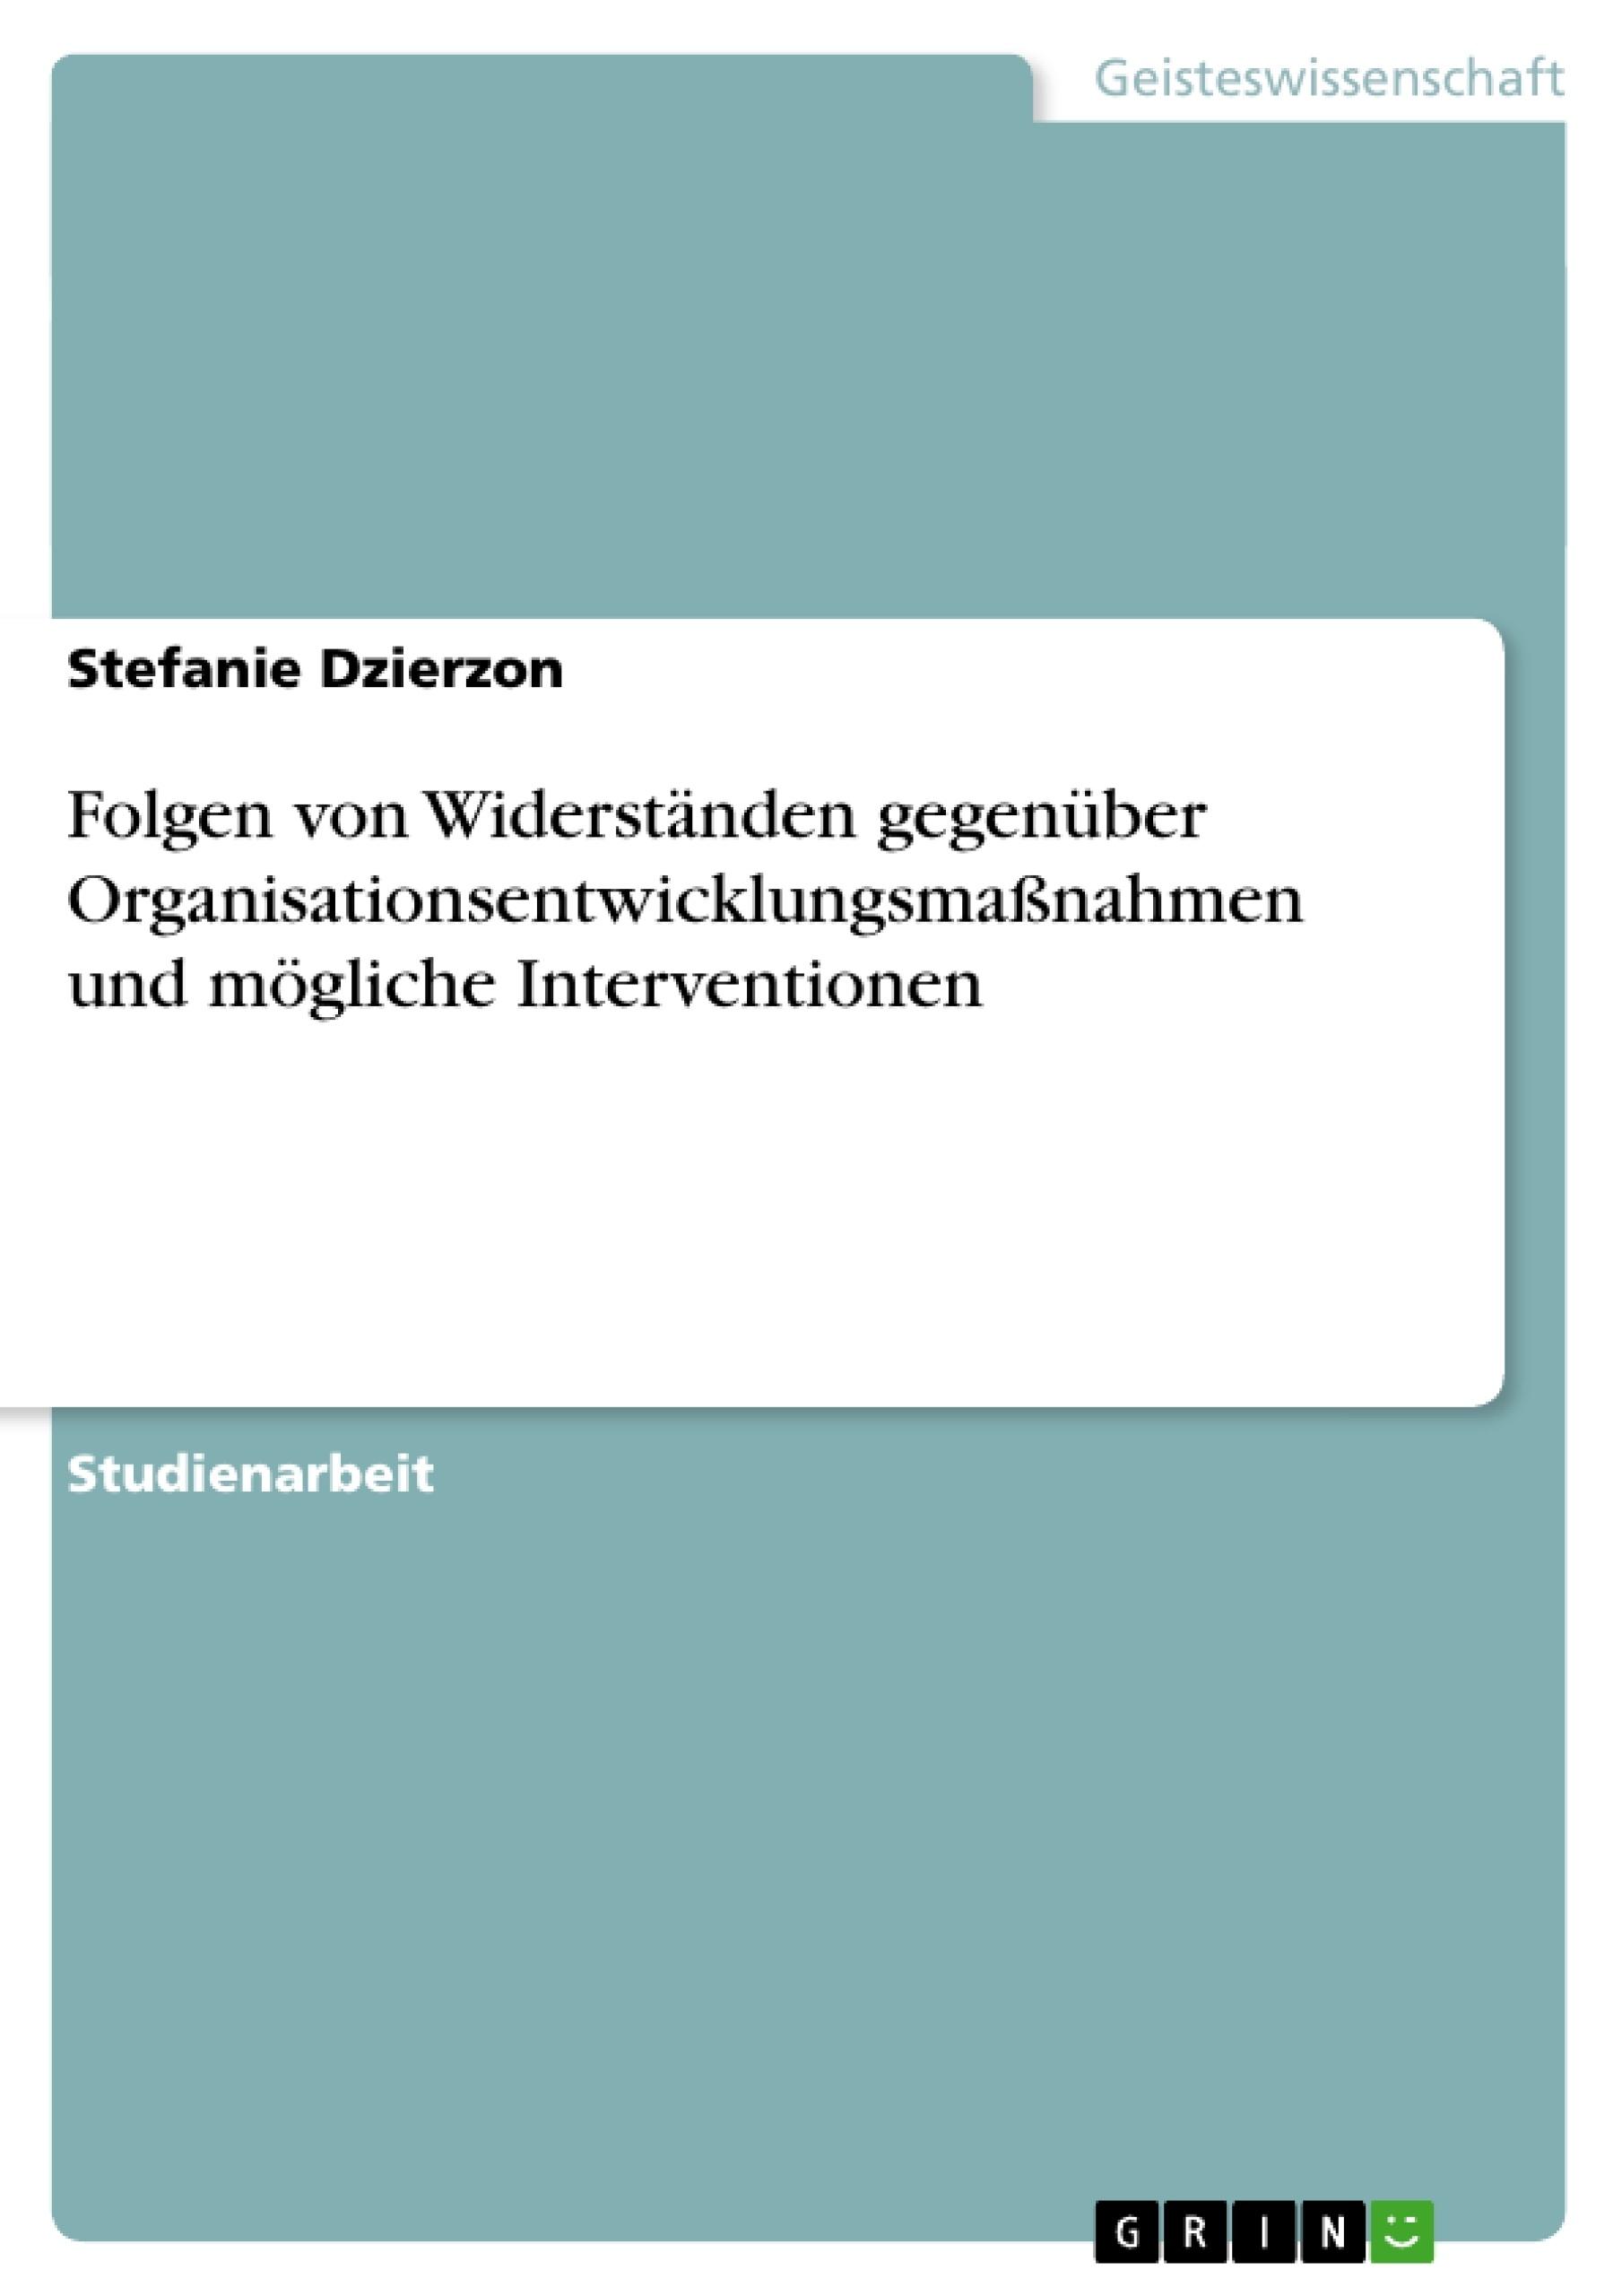 Titel: Folgen von Widerständen gegenüber Organisationsentwicklungsmaßnahmen und mögliche Interventionen